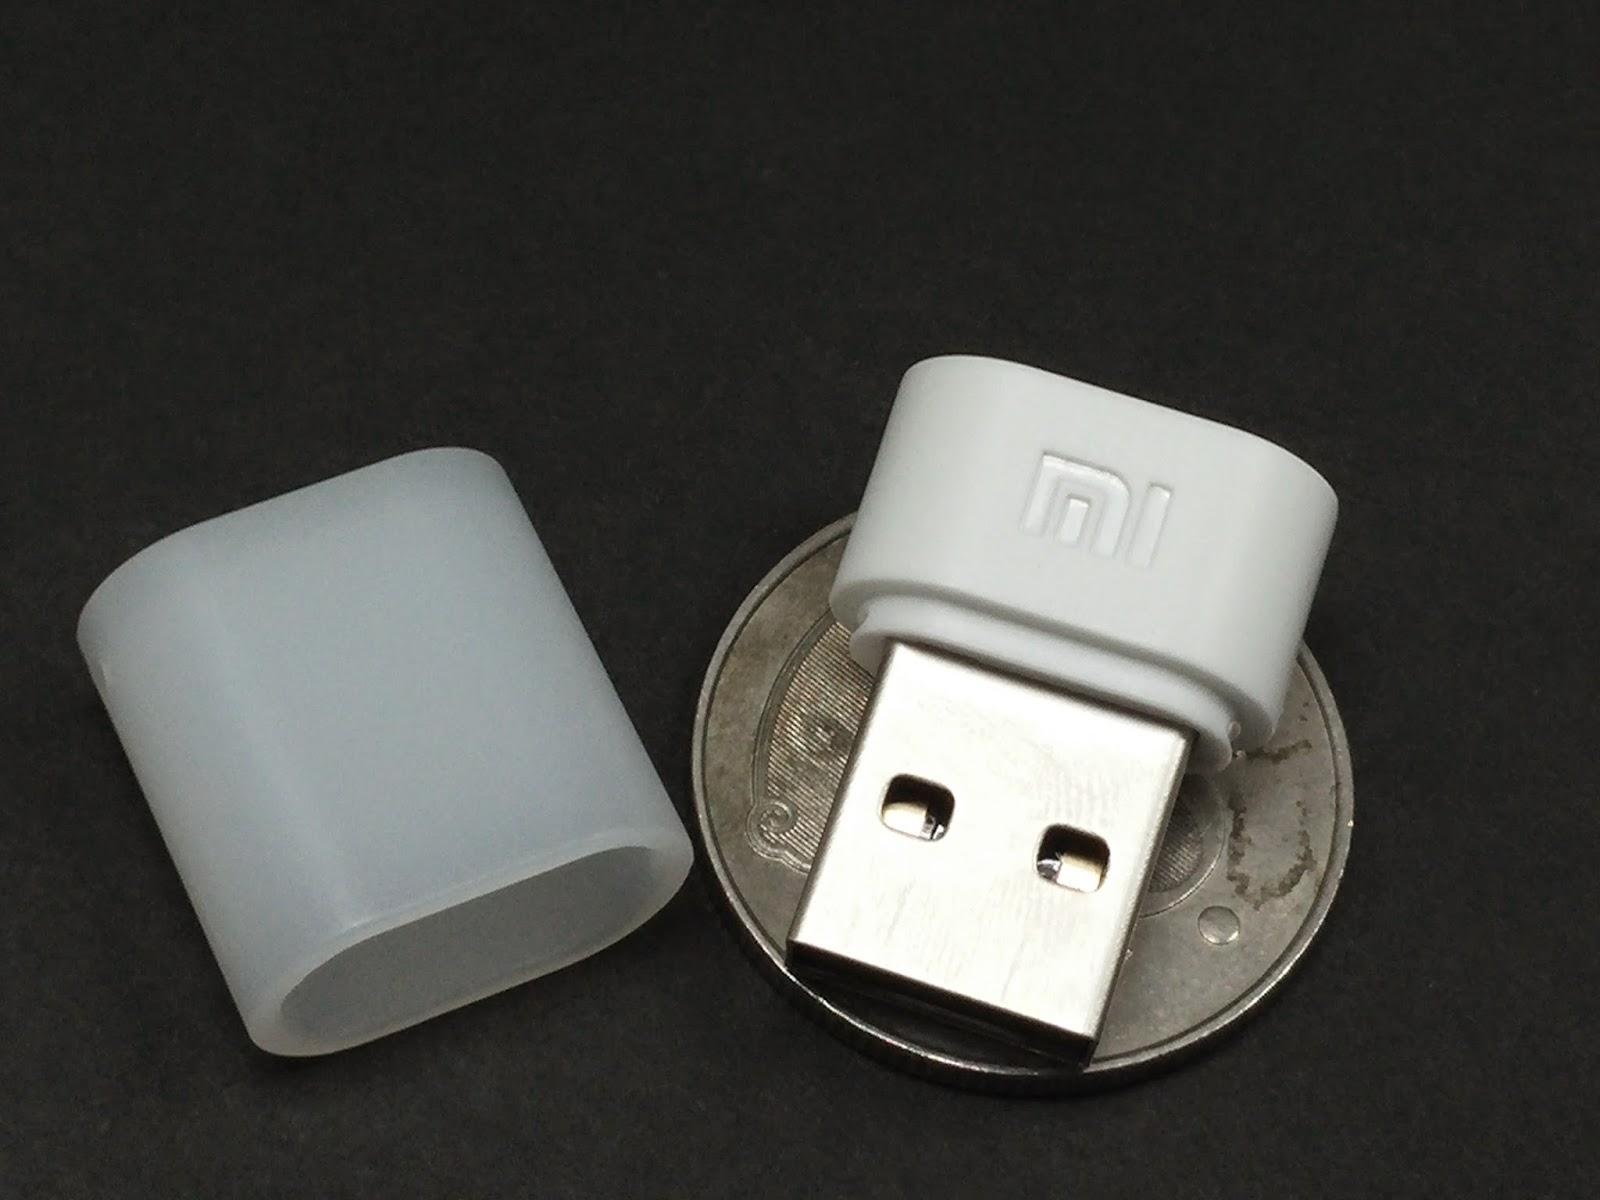 【接收器·接收】桌電wifi接收器 – TouPeenSeen部落格